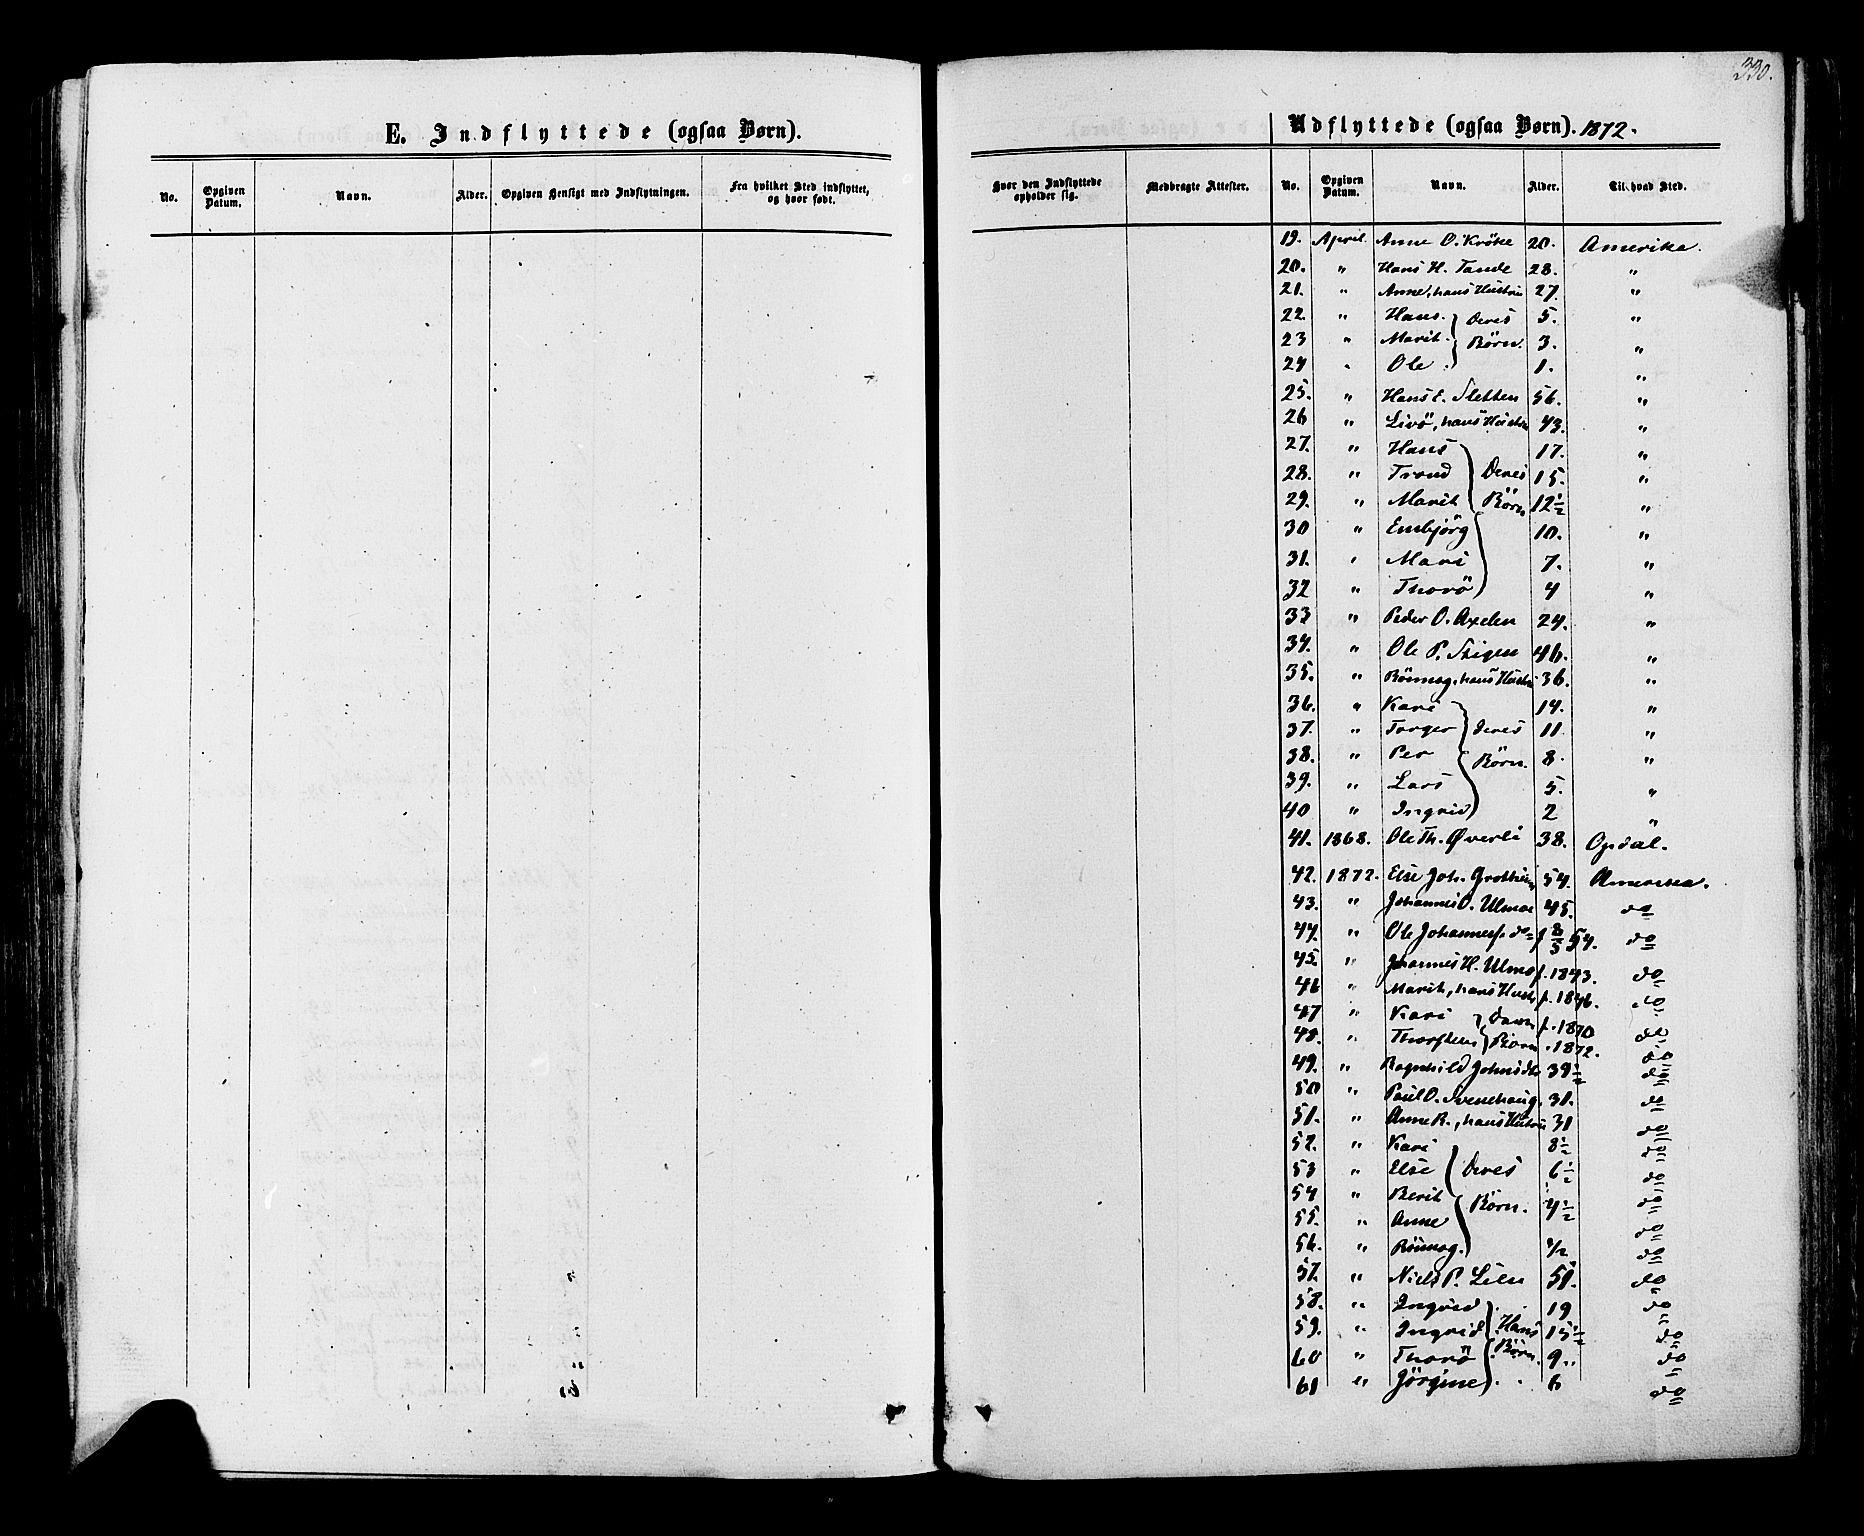 SAH, Lom prestekontor, K/L0007: Ministerialbok nr. 7, 1863-1884, s. 330